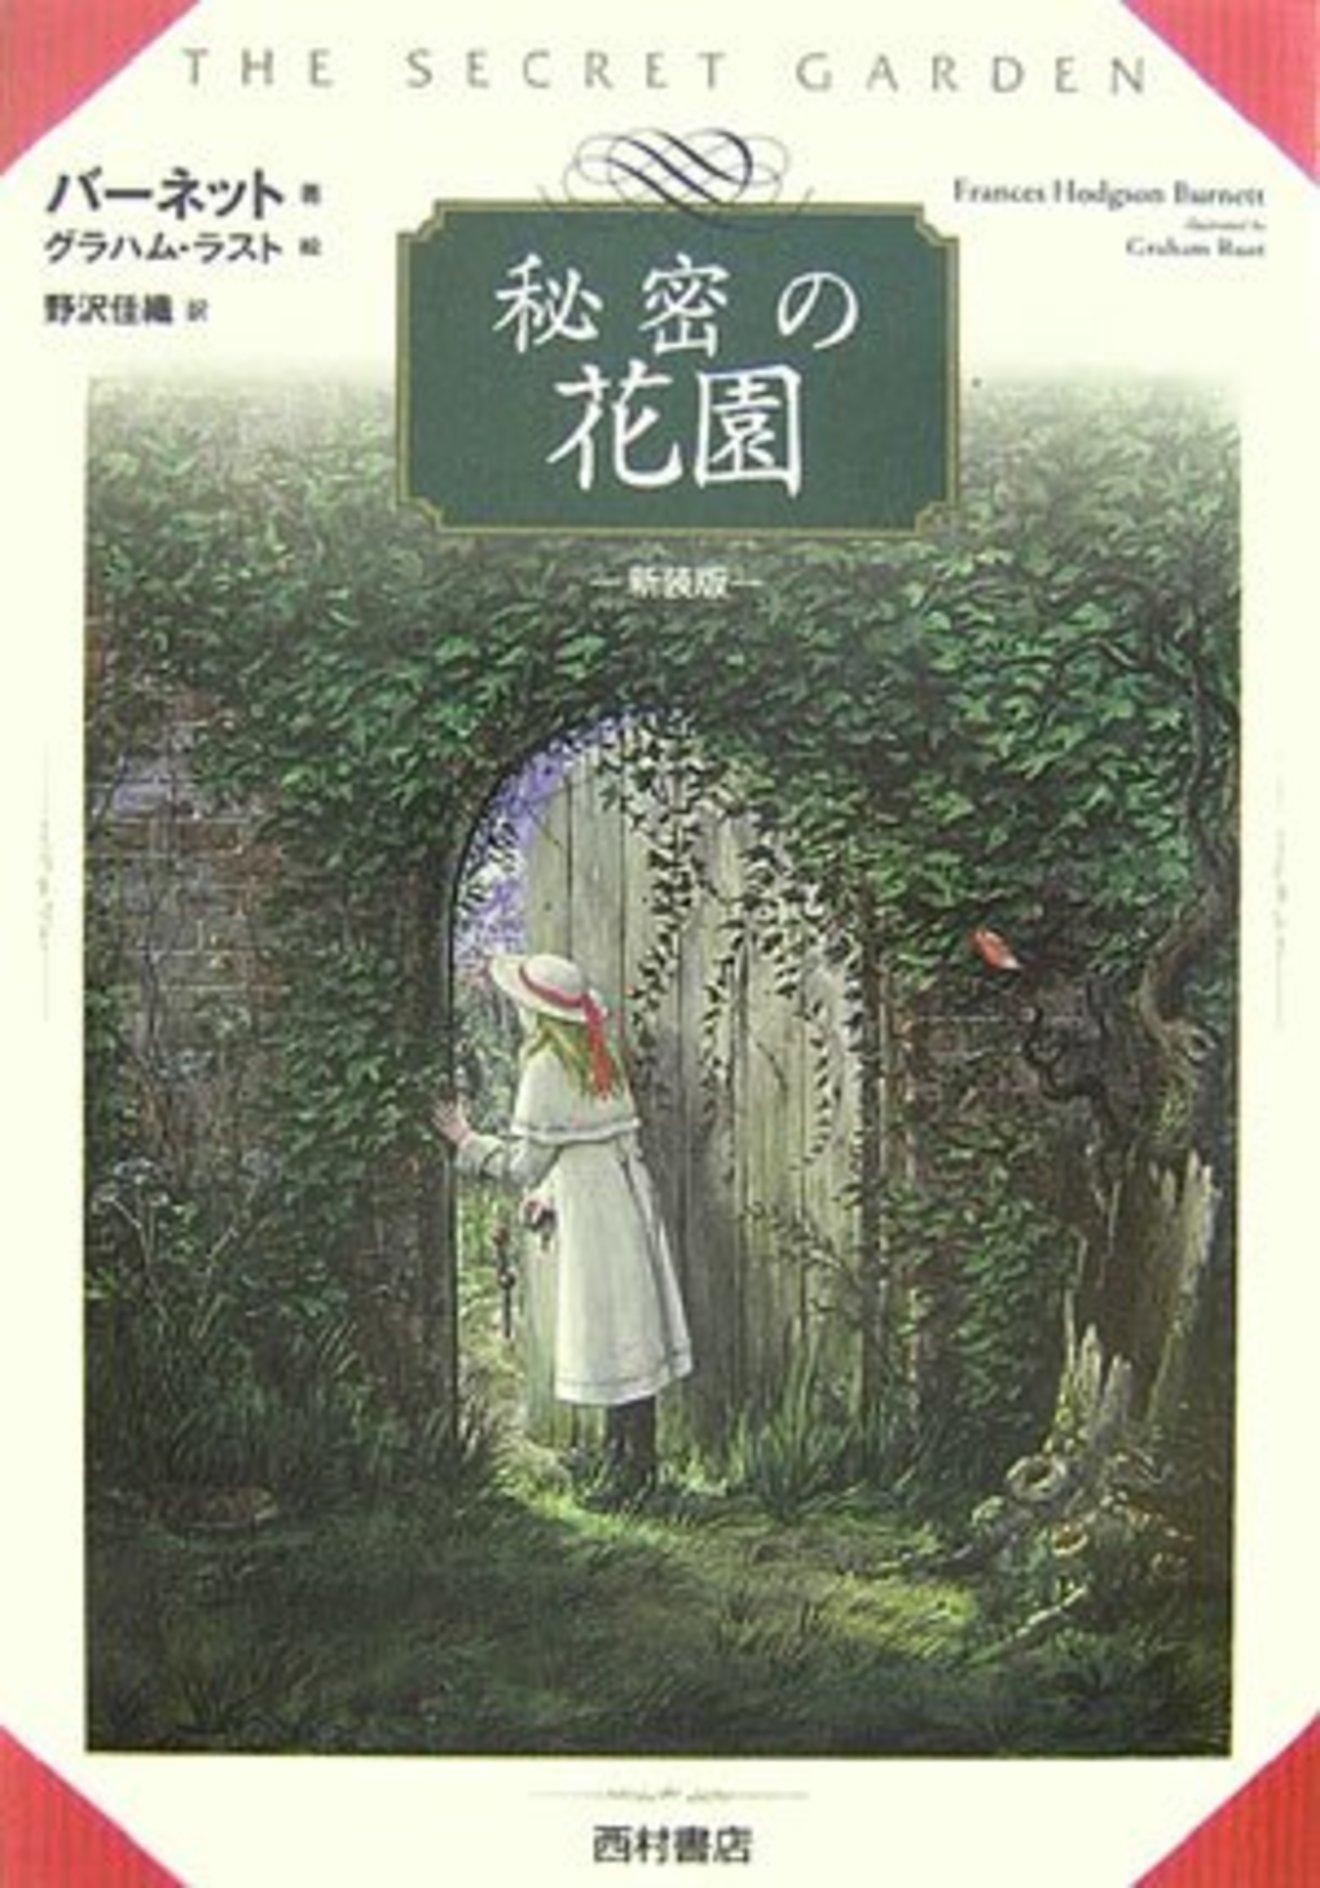 小説『秘密の花園』で庭園は何を象徴しているのか考察!あらすじも紹介